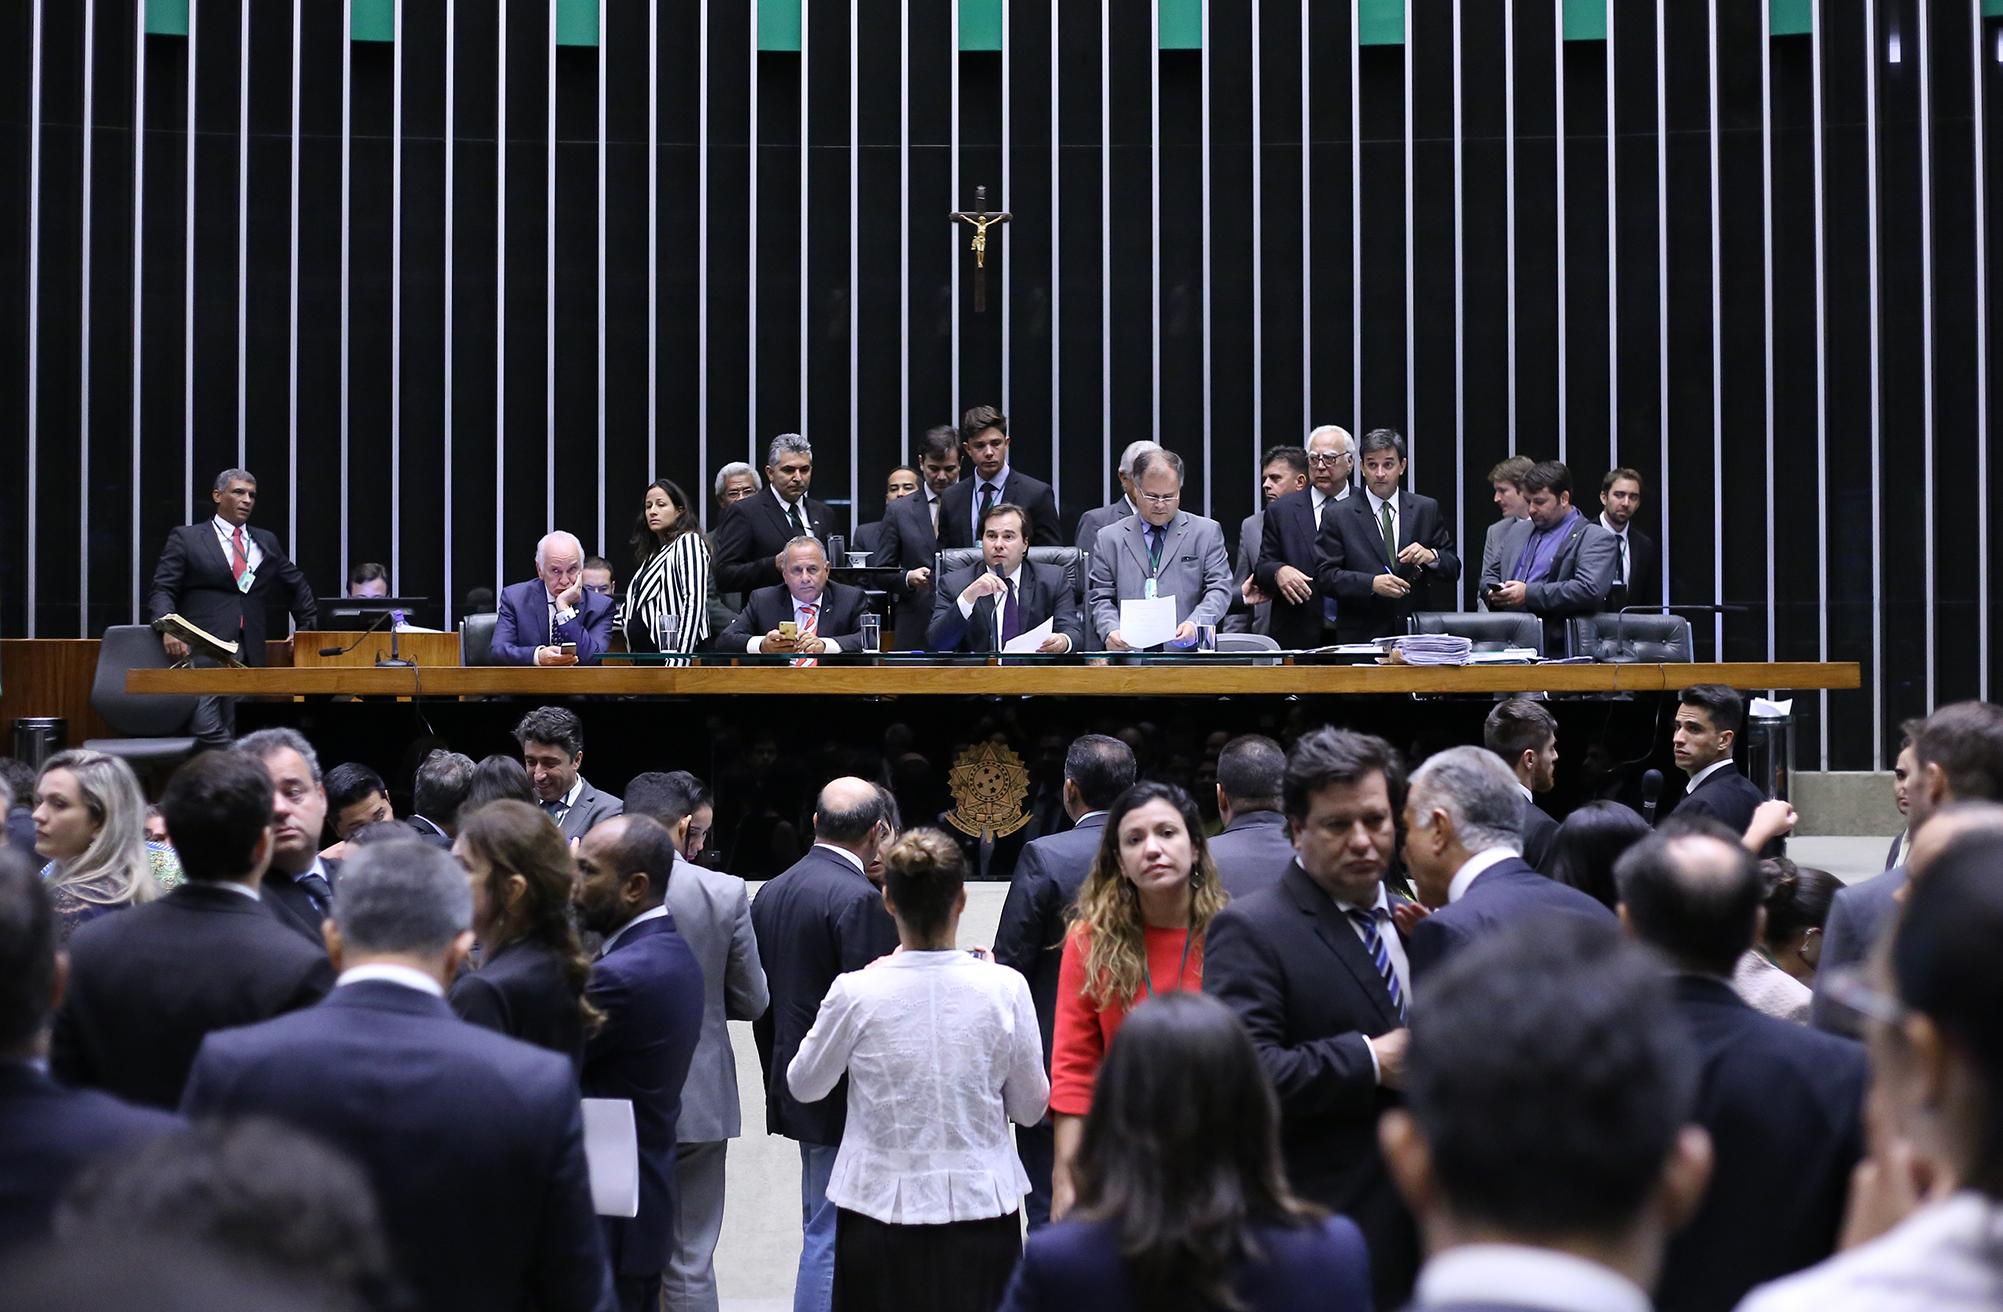 Câmara dos Deputados avaliará PL da Terceirização como único ponto de pauta